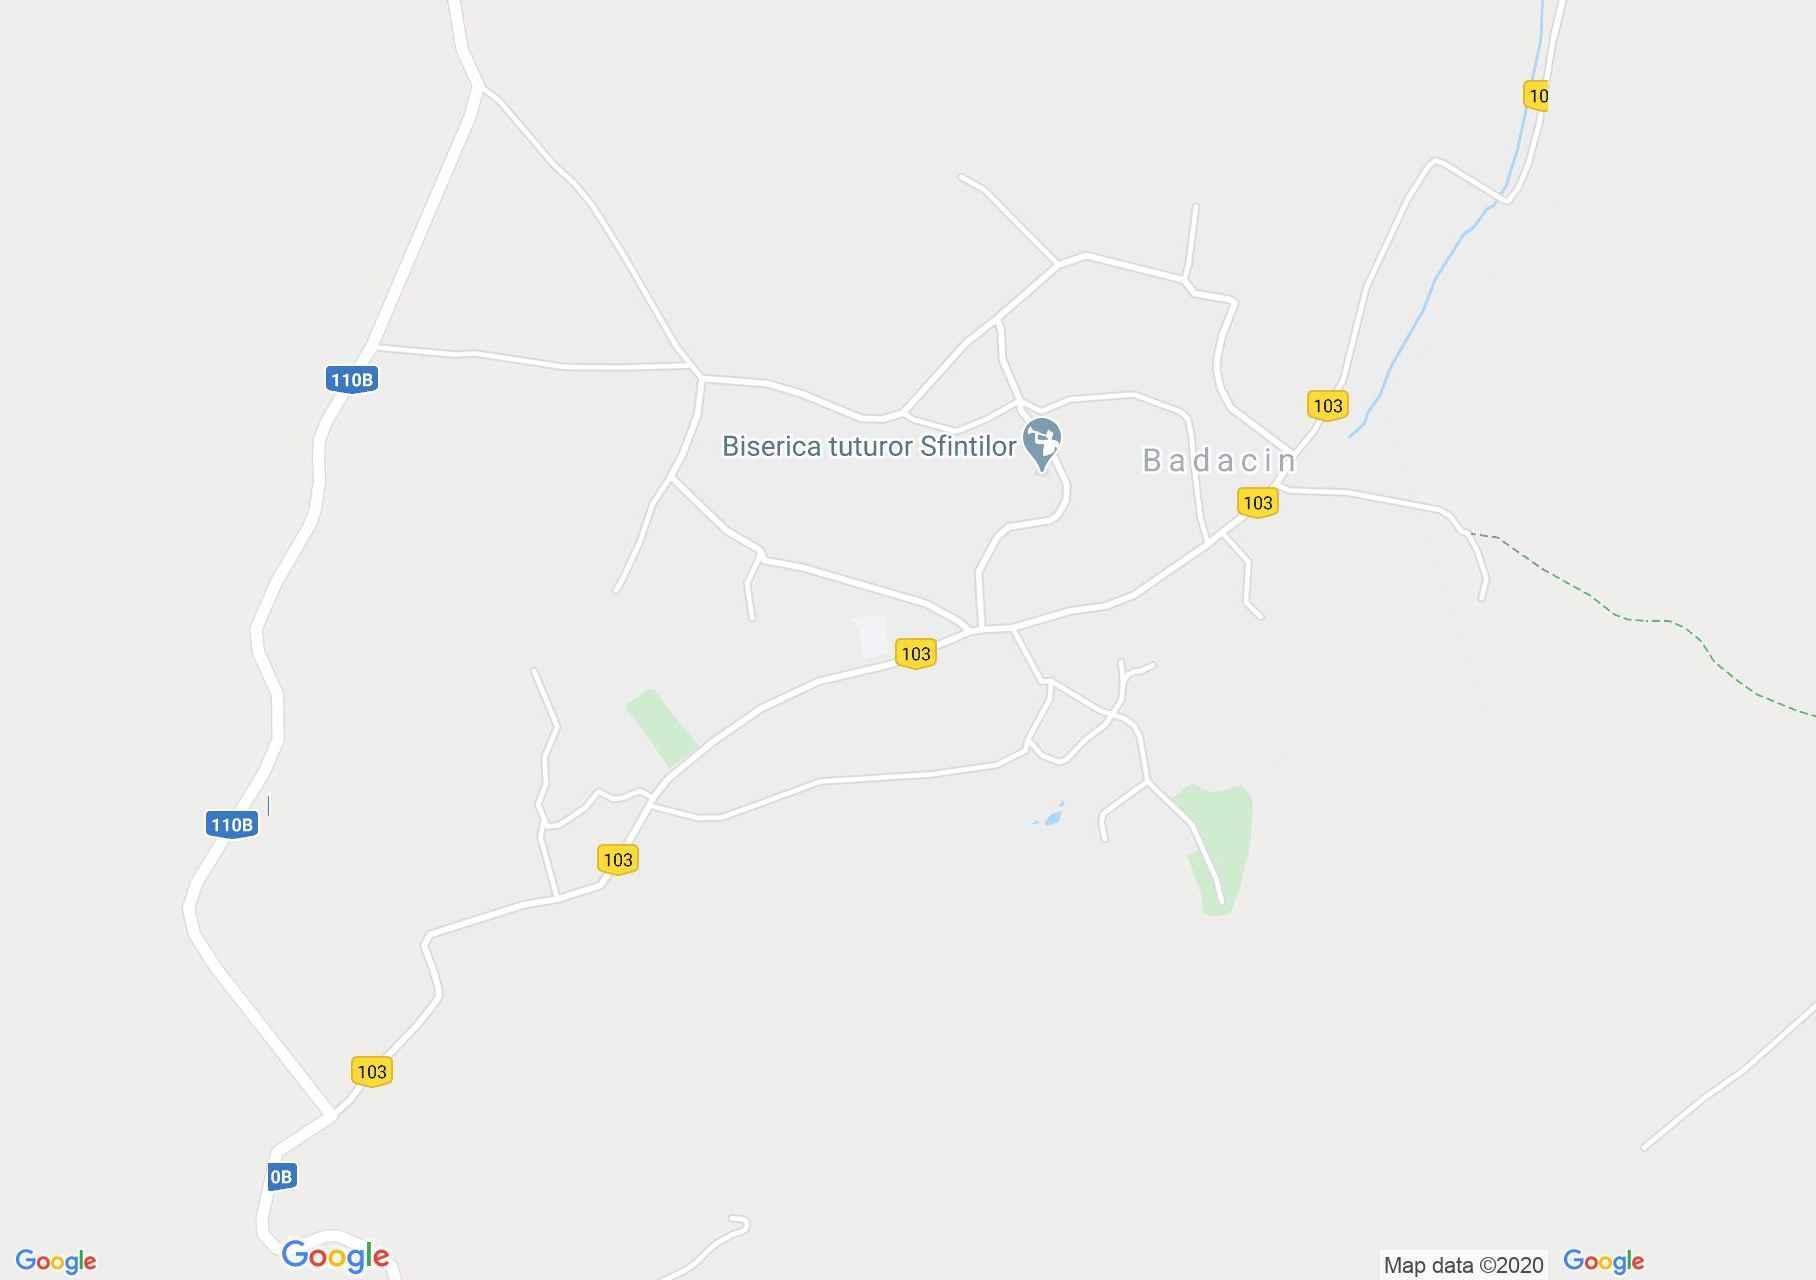 Bădăcin, Harta turistică interactivă